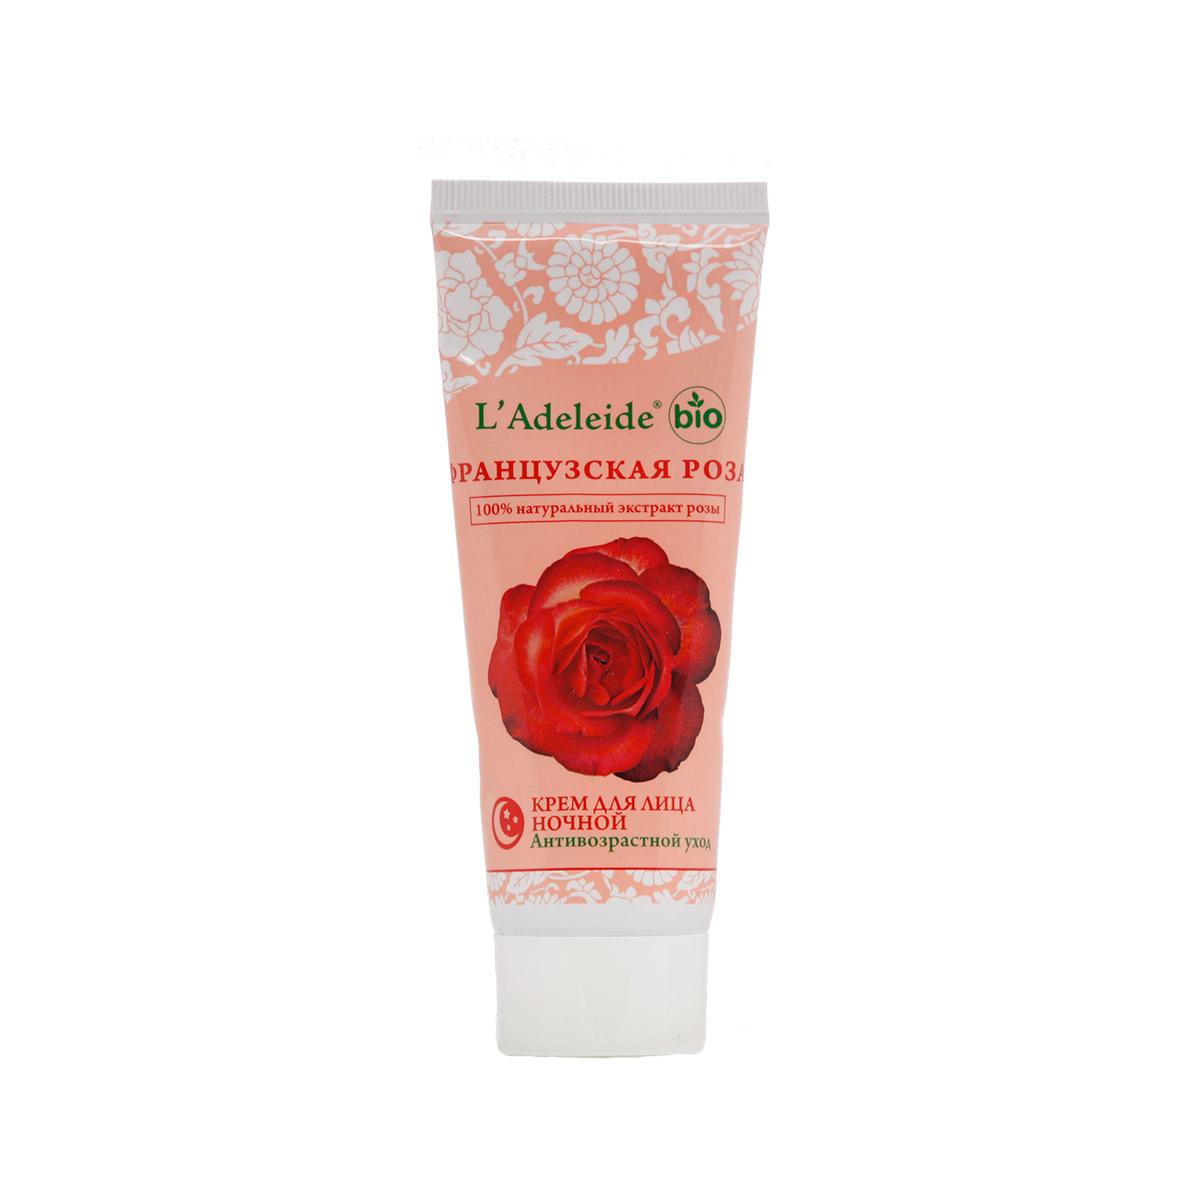 LAdeleide Крем для лица ночной Французская роза Антивозрастной, 75 млКС-329Французская роза – это линия компании L'Adeleide на основе натурального экстракта французской розы, волшебным эффектом которого пользуются многие столетия жительницы Cредиземноморья. Французская роза известна своим регенерирующим и омолаживающим эффектом. Благодаря последним технологиям, L'Adeleide смог передать сильный эффект экстракта.Косметический крем для лица Французская роза легко впитывается, устраняет все признаки уставшей кожи: успокаивает, увлажняет и питает. Сбалансированная формула крема содержит дистиллят розы и важнейшие витамины F и E. Крем способствует поддержанию эластичности и упругости кожи. В составе - комплекс Hydrovance, который обеспечивает тотальное увлажнение кожи за счет своего проникновения даже в самые глубокие слои эпидермиса. Hydrovance уменьшает раздражения и воспаления сухой кожи и повышает эластичность. Применение крема стимулирует клеточную регенерацию, препятствует возникновению морщин, способствует разглаживанию мелких морщин, повышает защитные свойства кожи, выравнивает цвет, нормализует активность сальных желез.